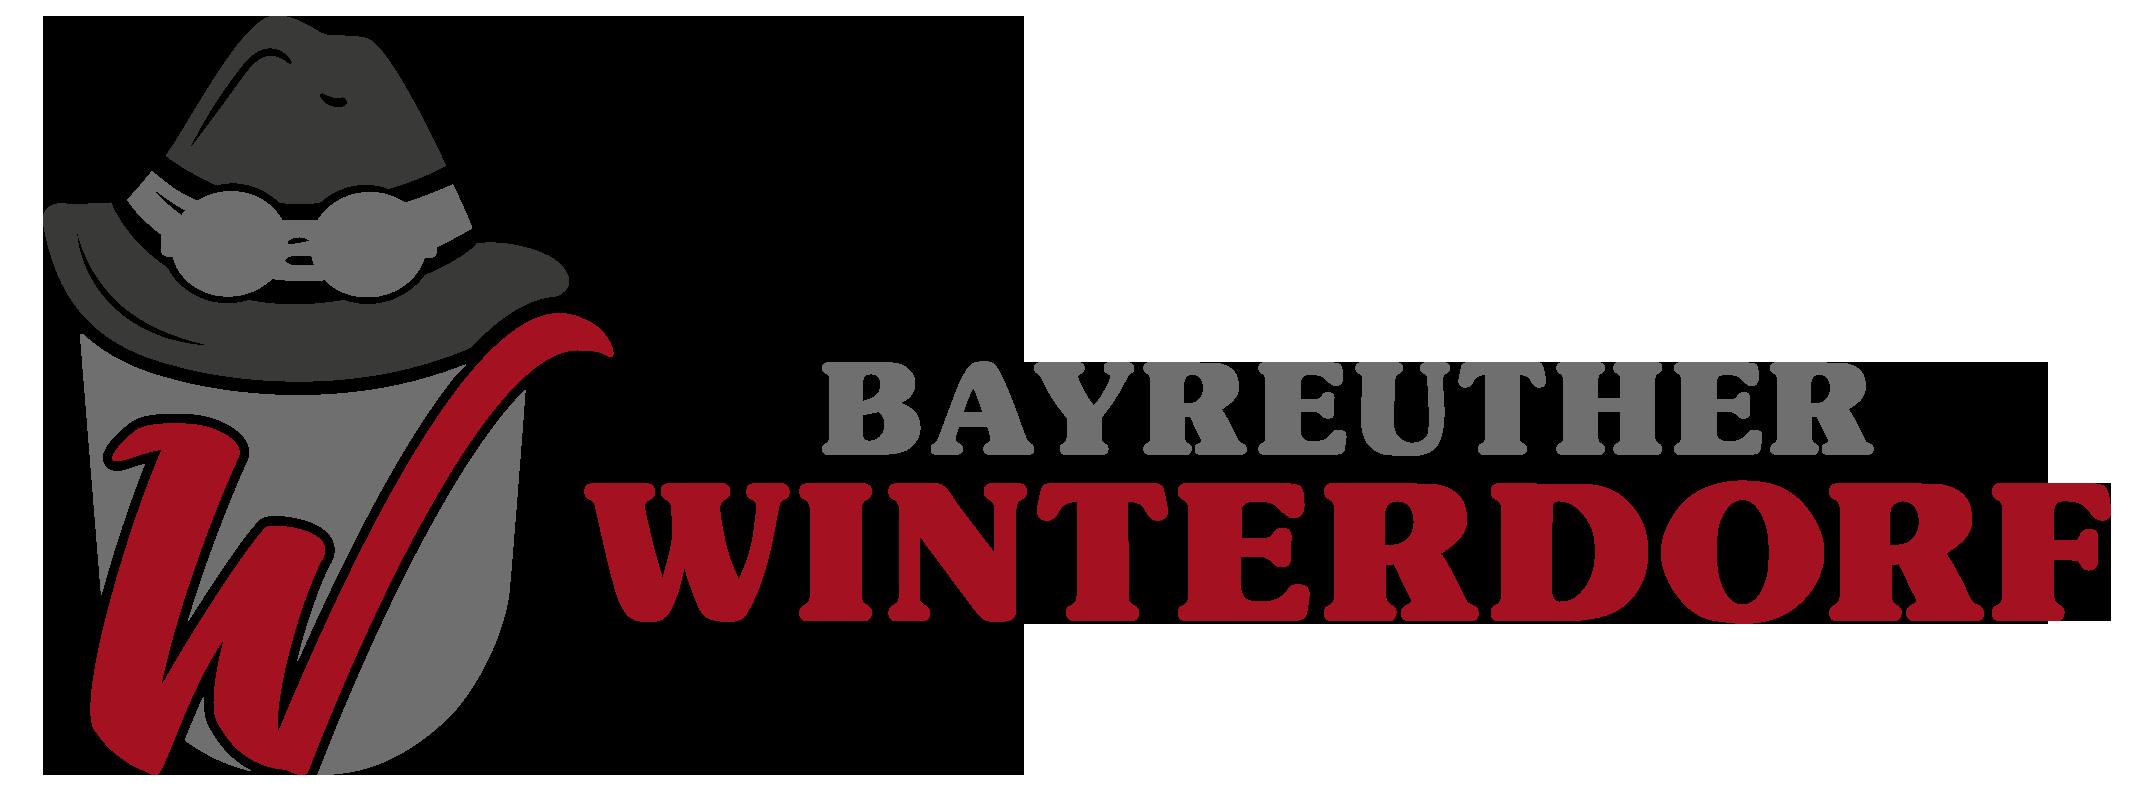 Bayreuther Winterdorf